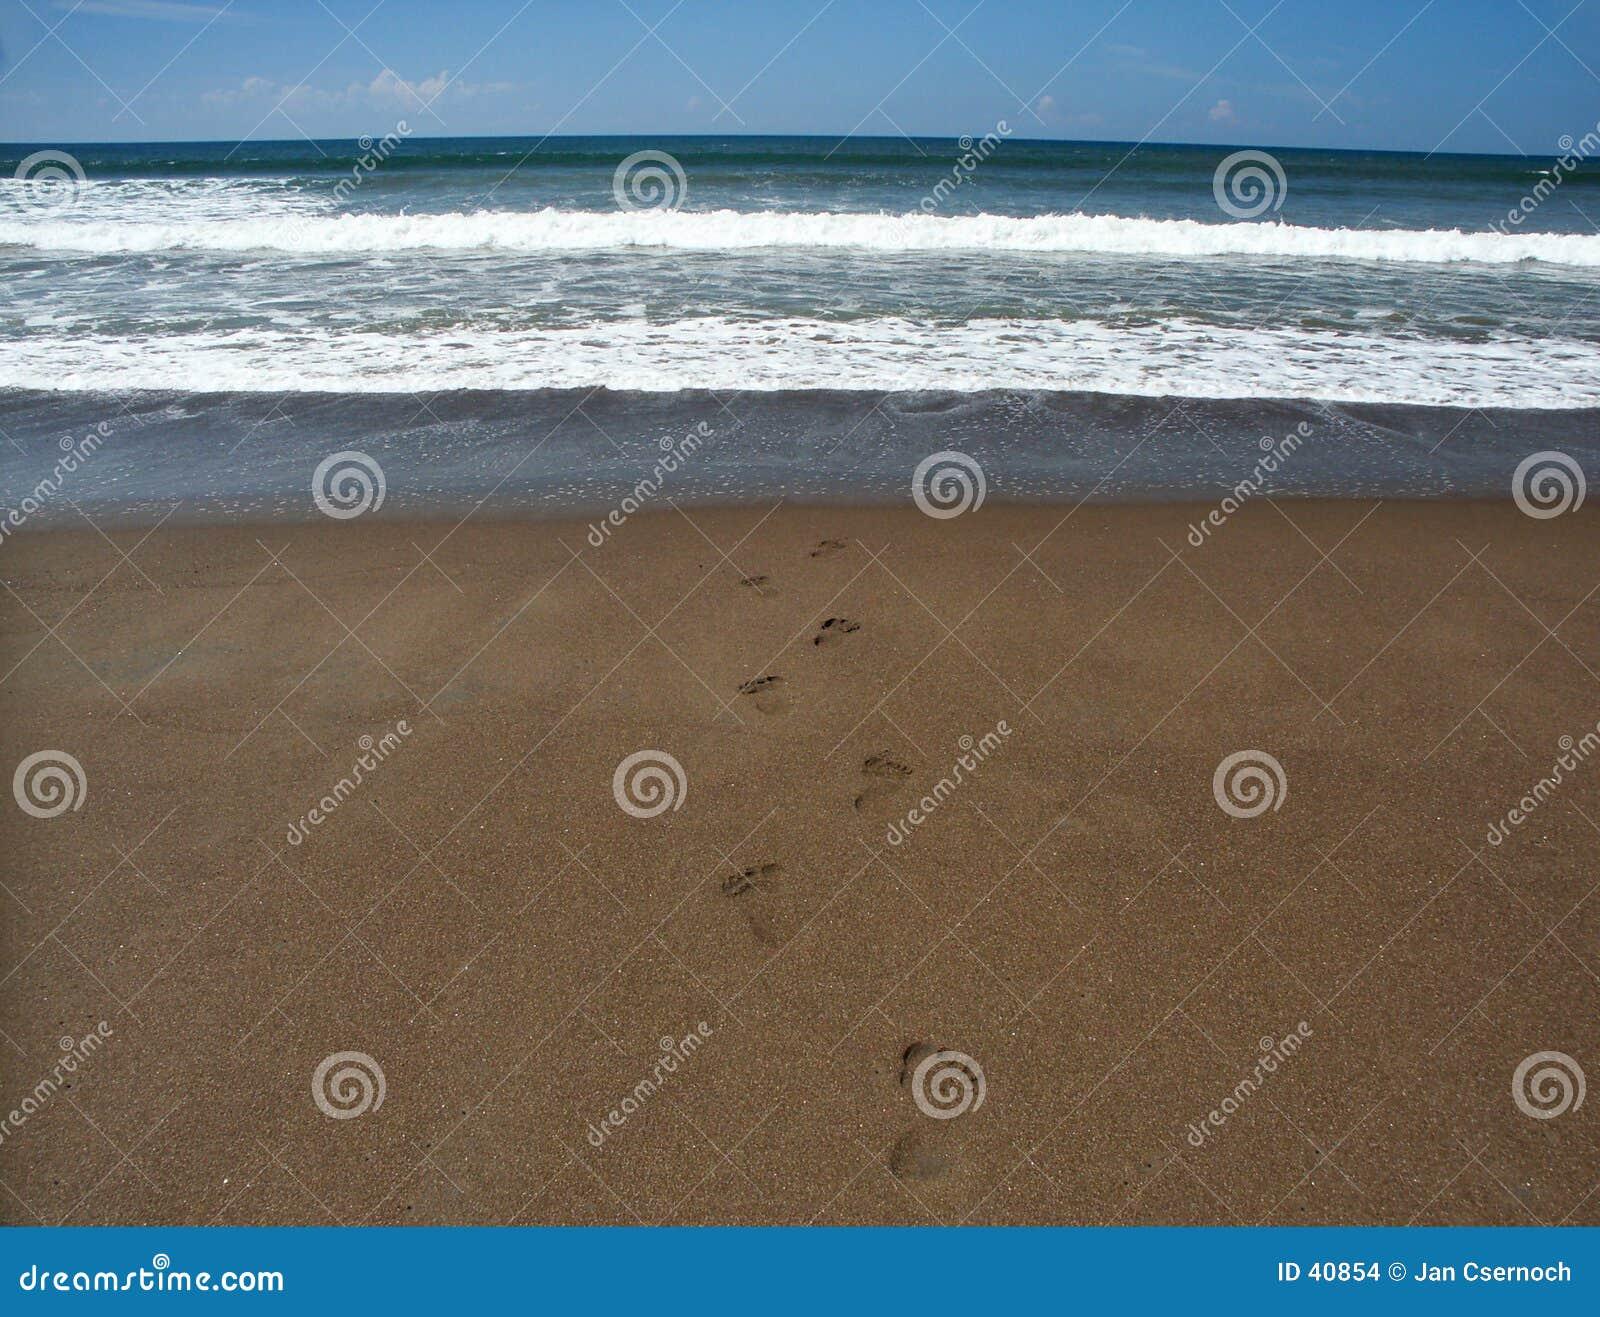 Strebte einen Swim zum Ozean an